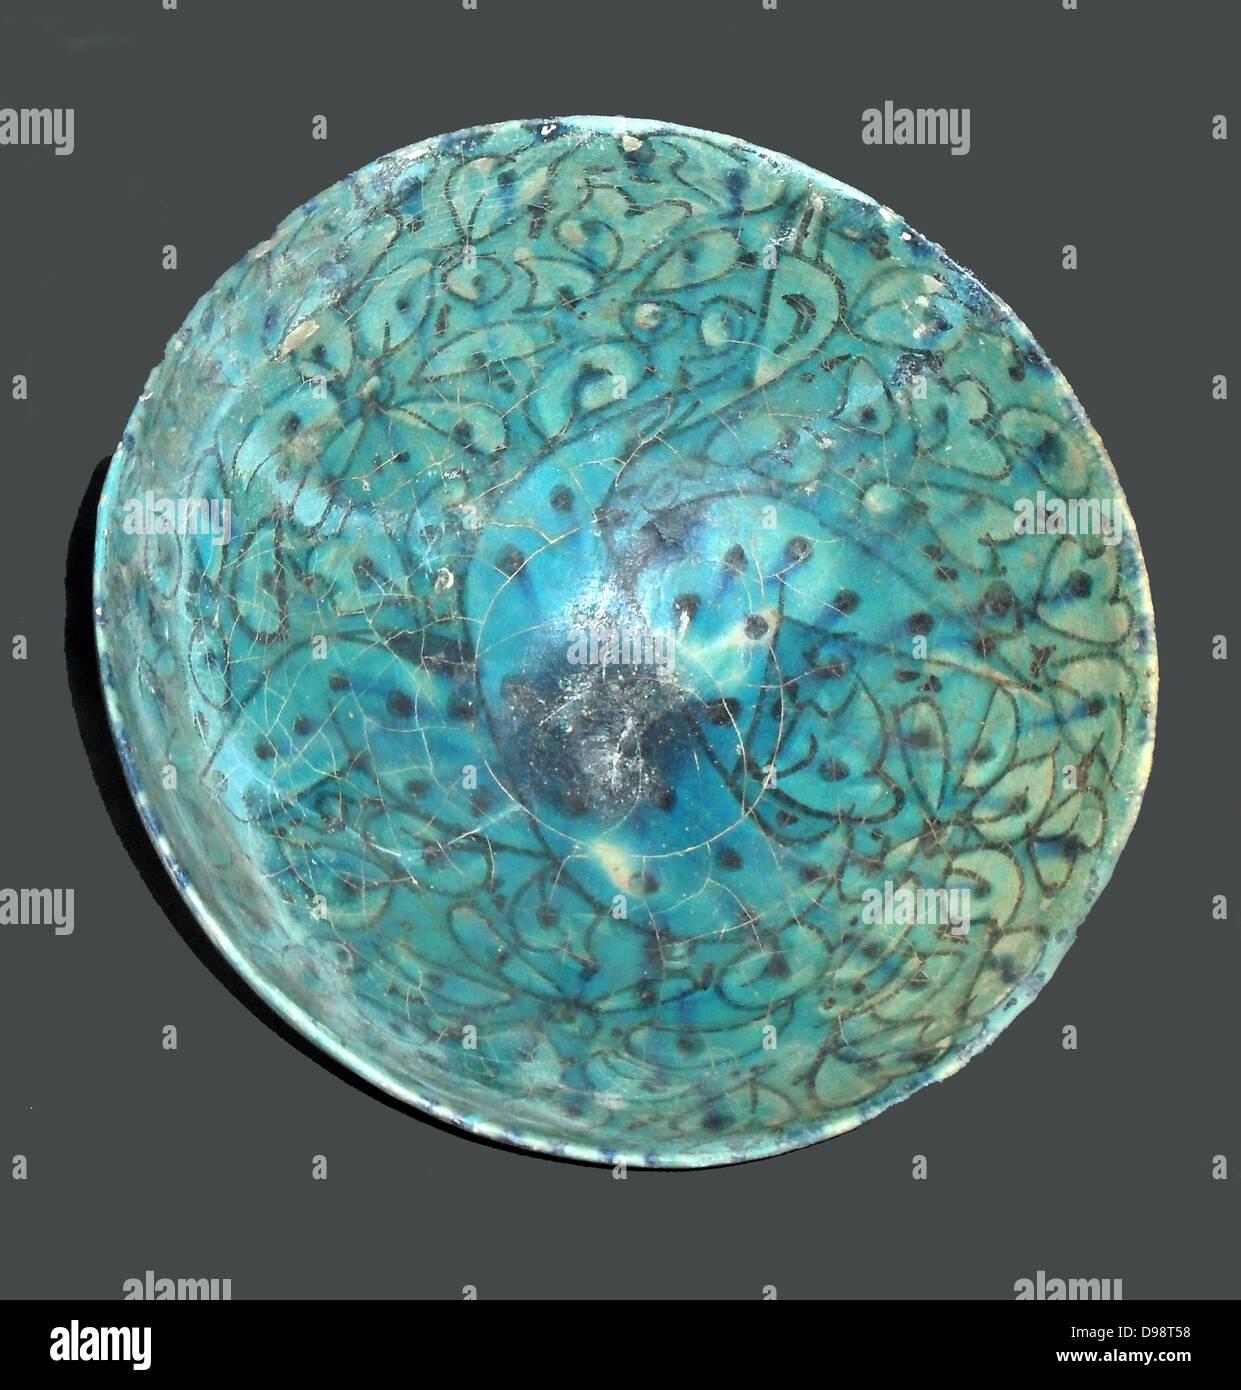 Dekorative Schale, Beispiel des 13. Jahrhunderts islamische Keramik aus dem Iran Stockbild